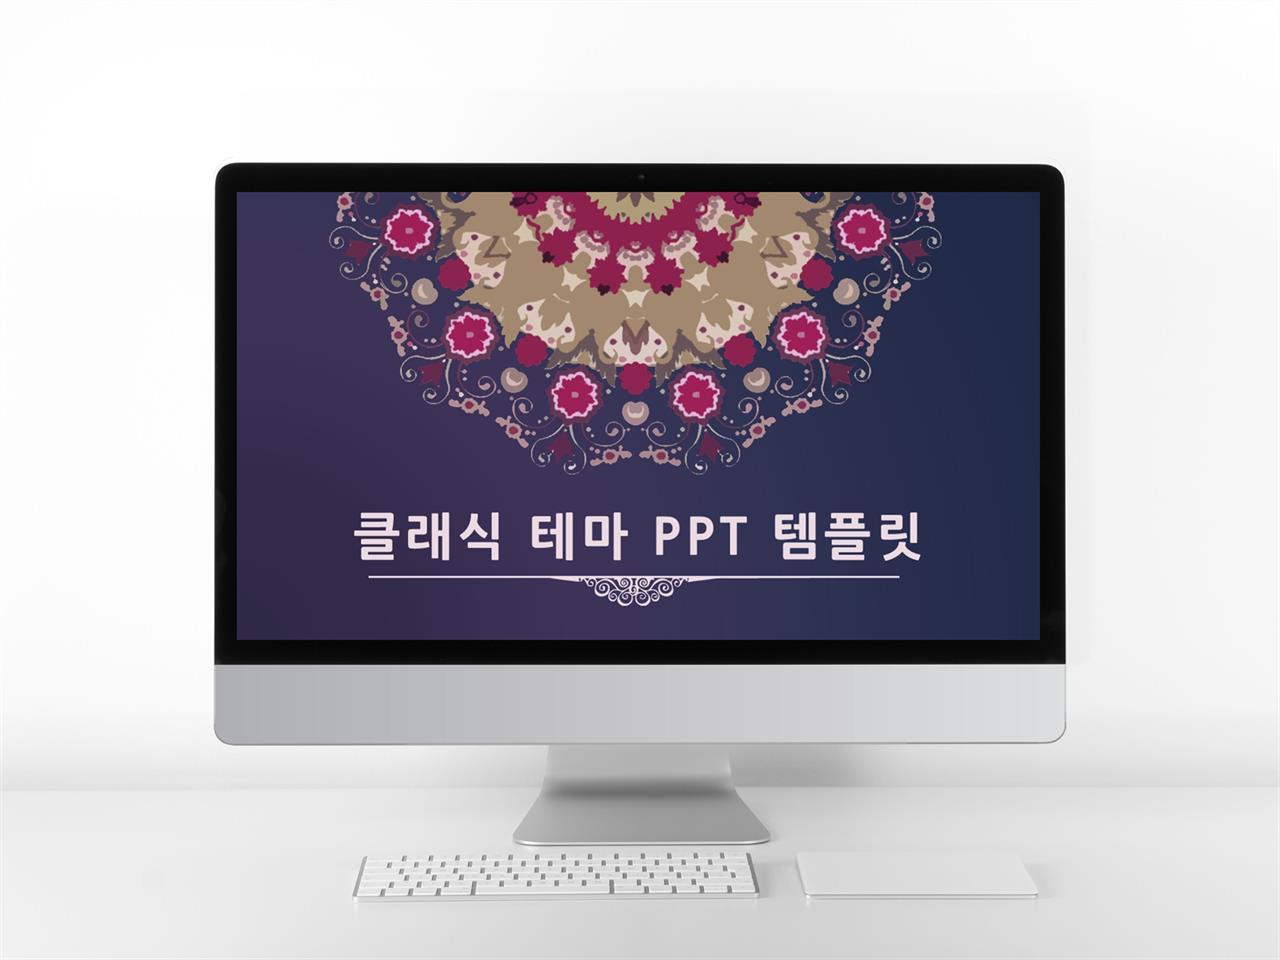 화초주제 자색 클래식한 고퀄리티 파워포인트서식 제작 미리보기